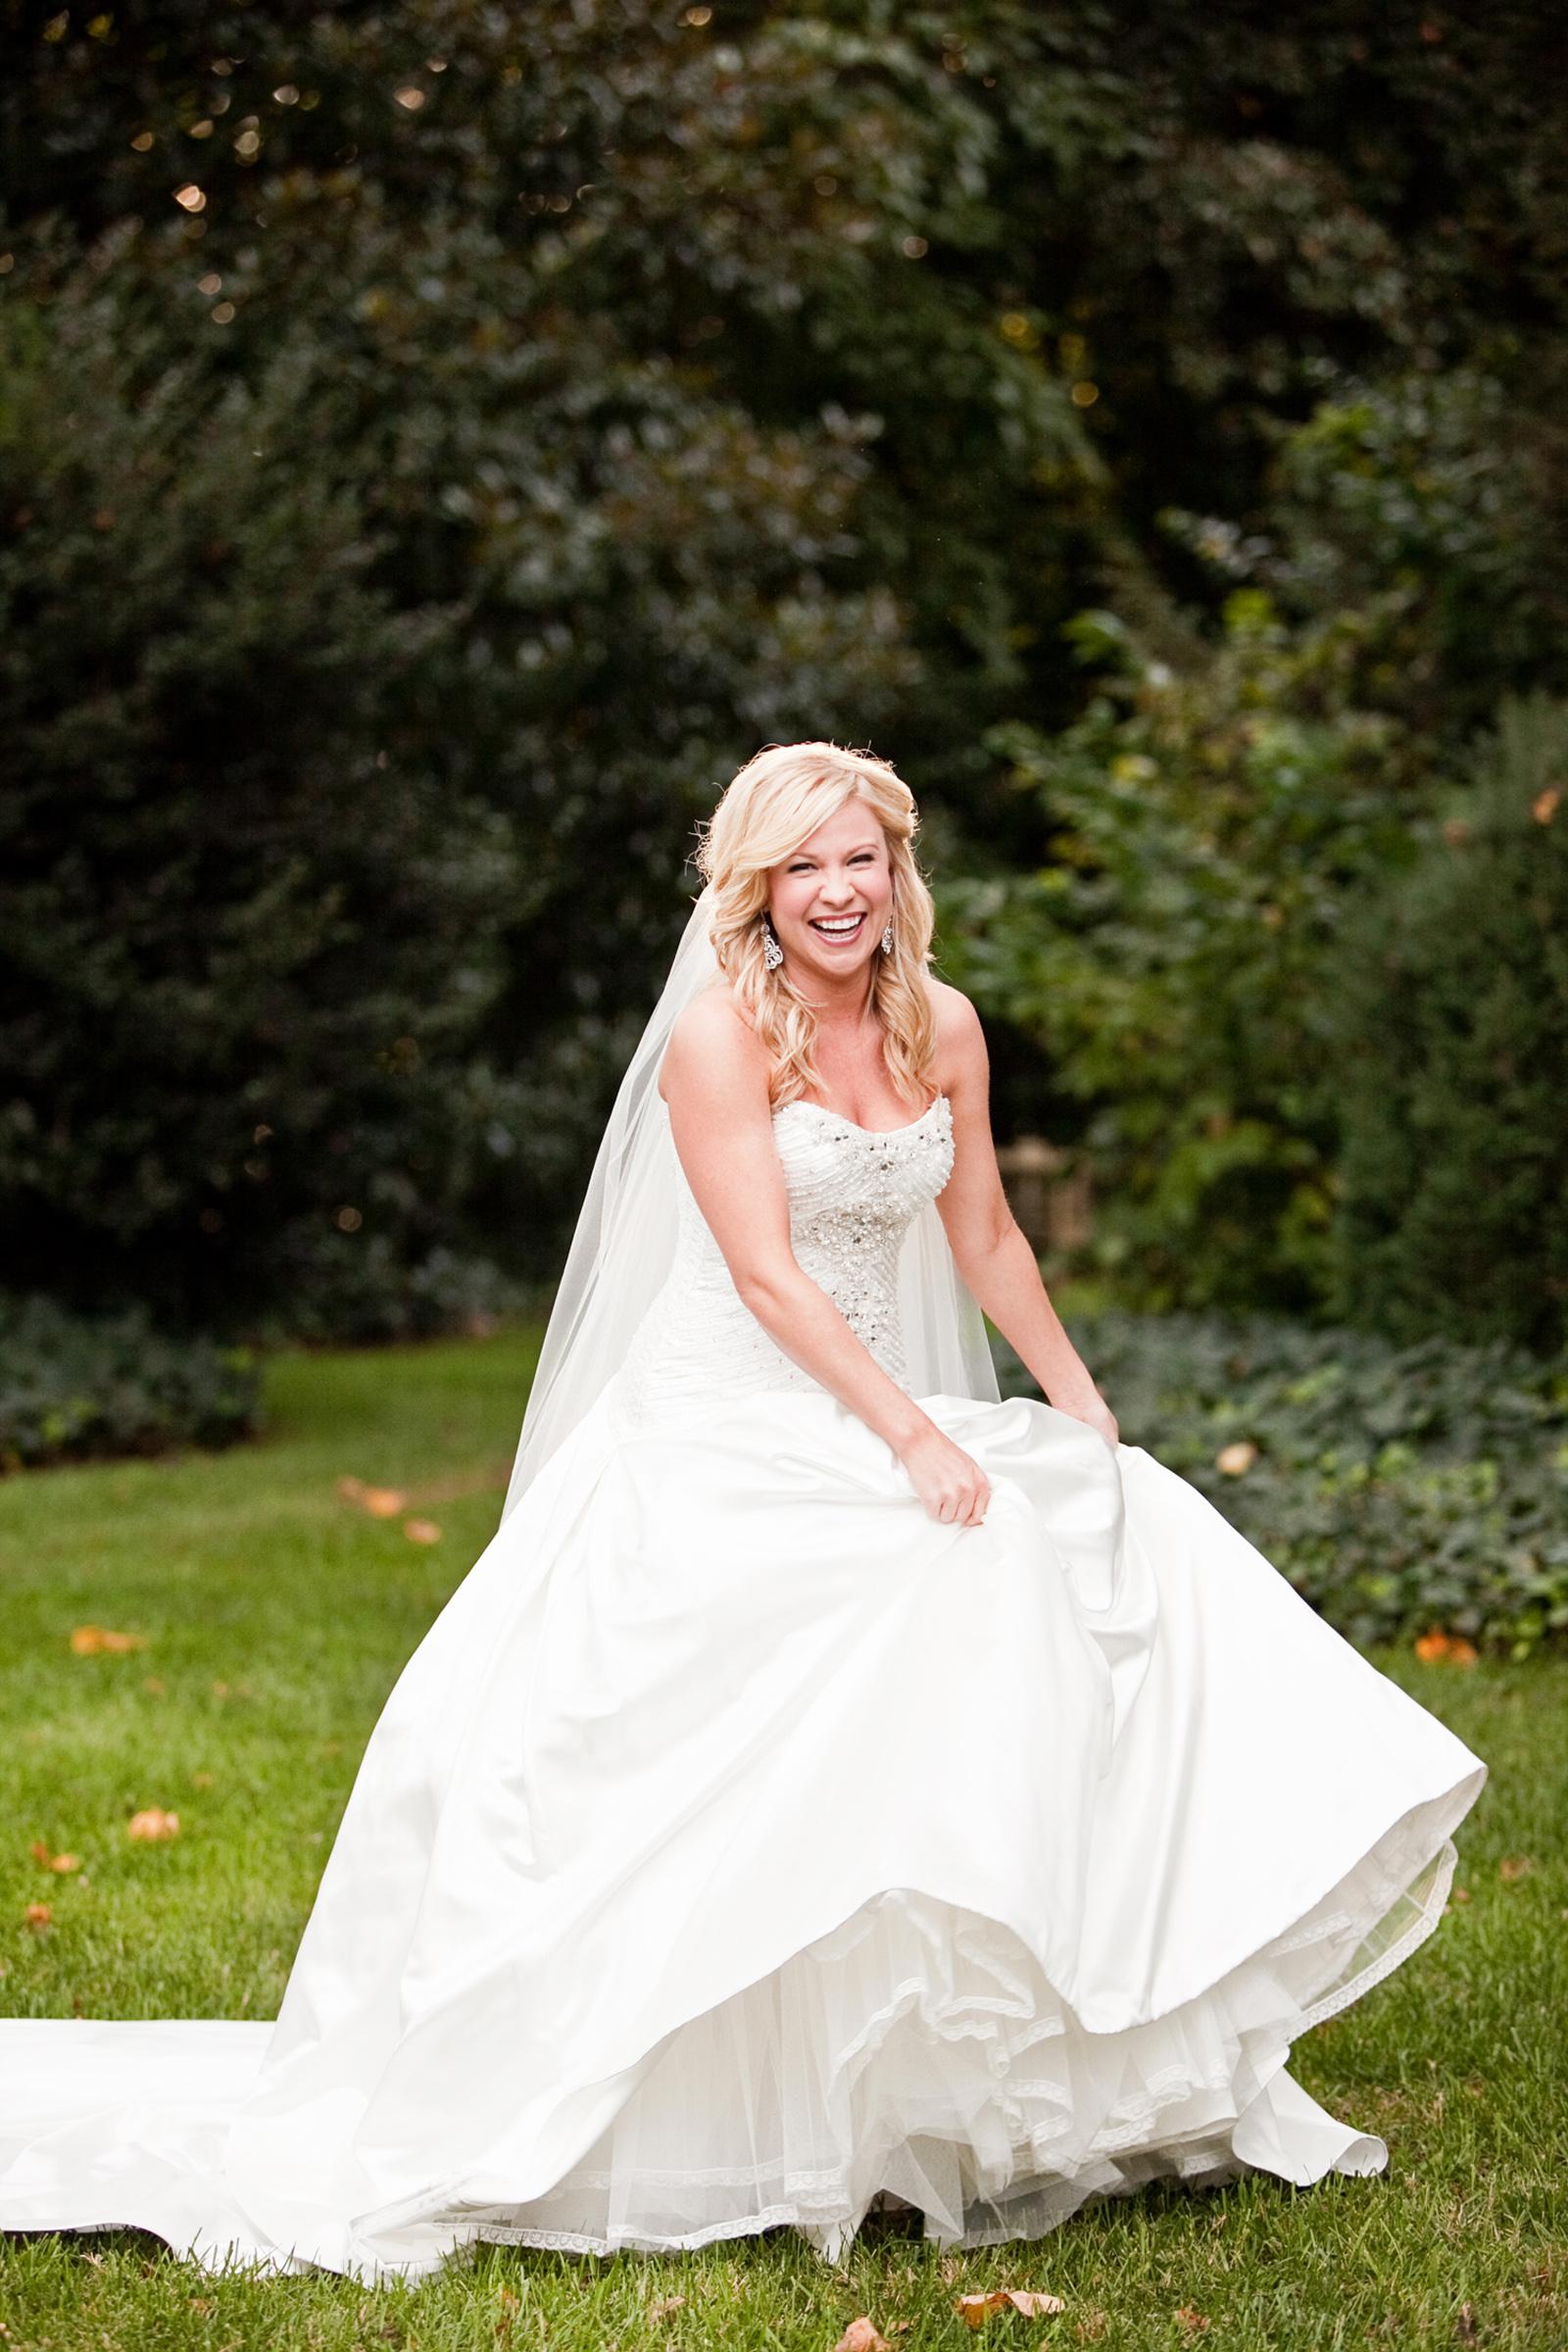 Rhyne-bridals-100311-177.jpg